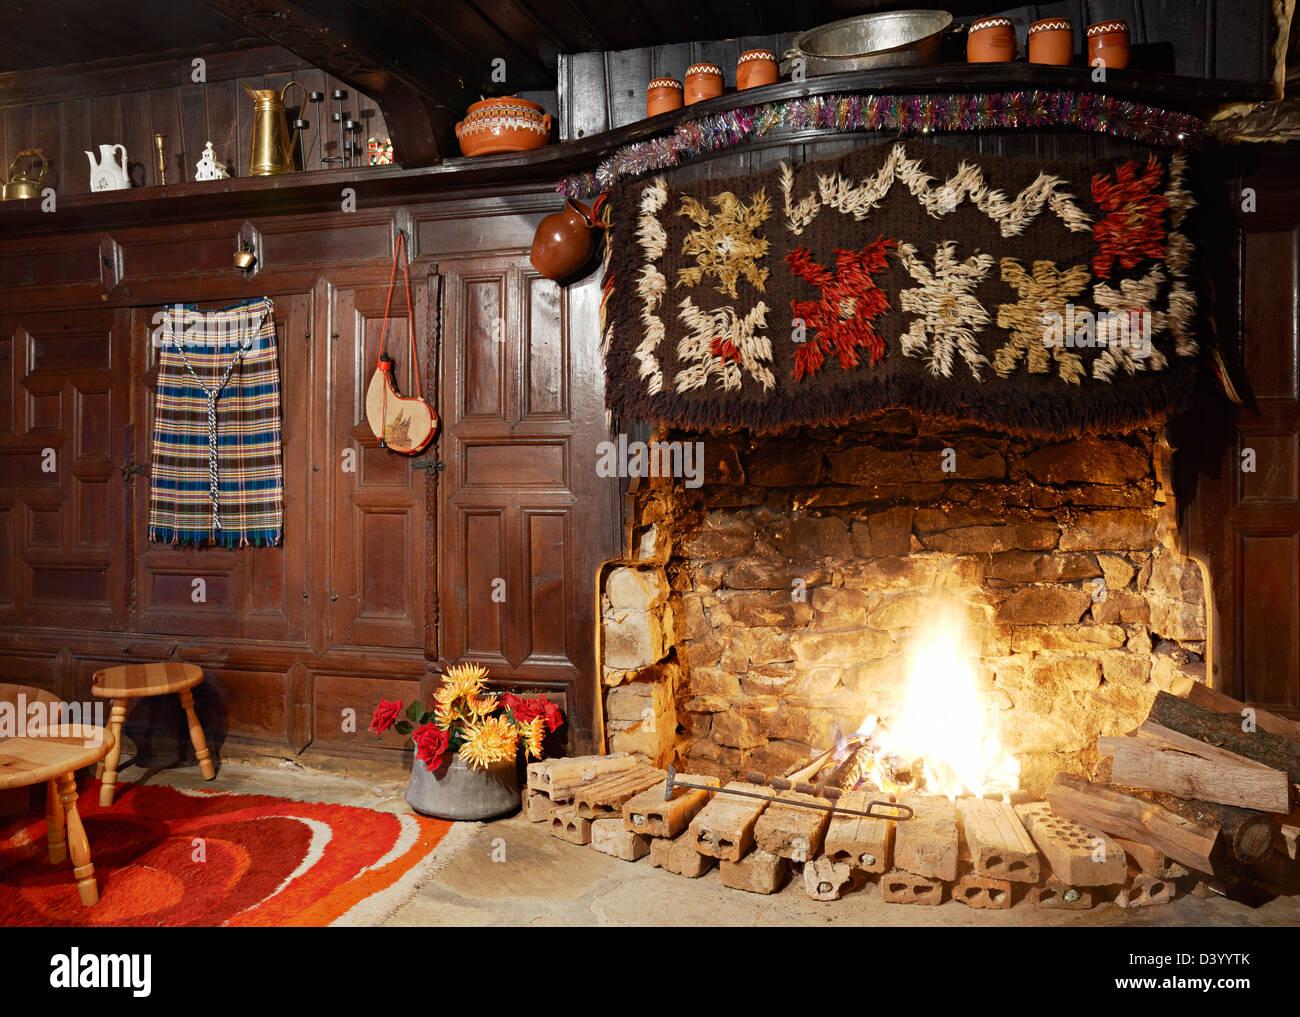 period fireplace stock photos u0026 period fireplace stock images alamy